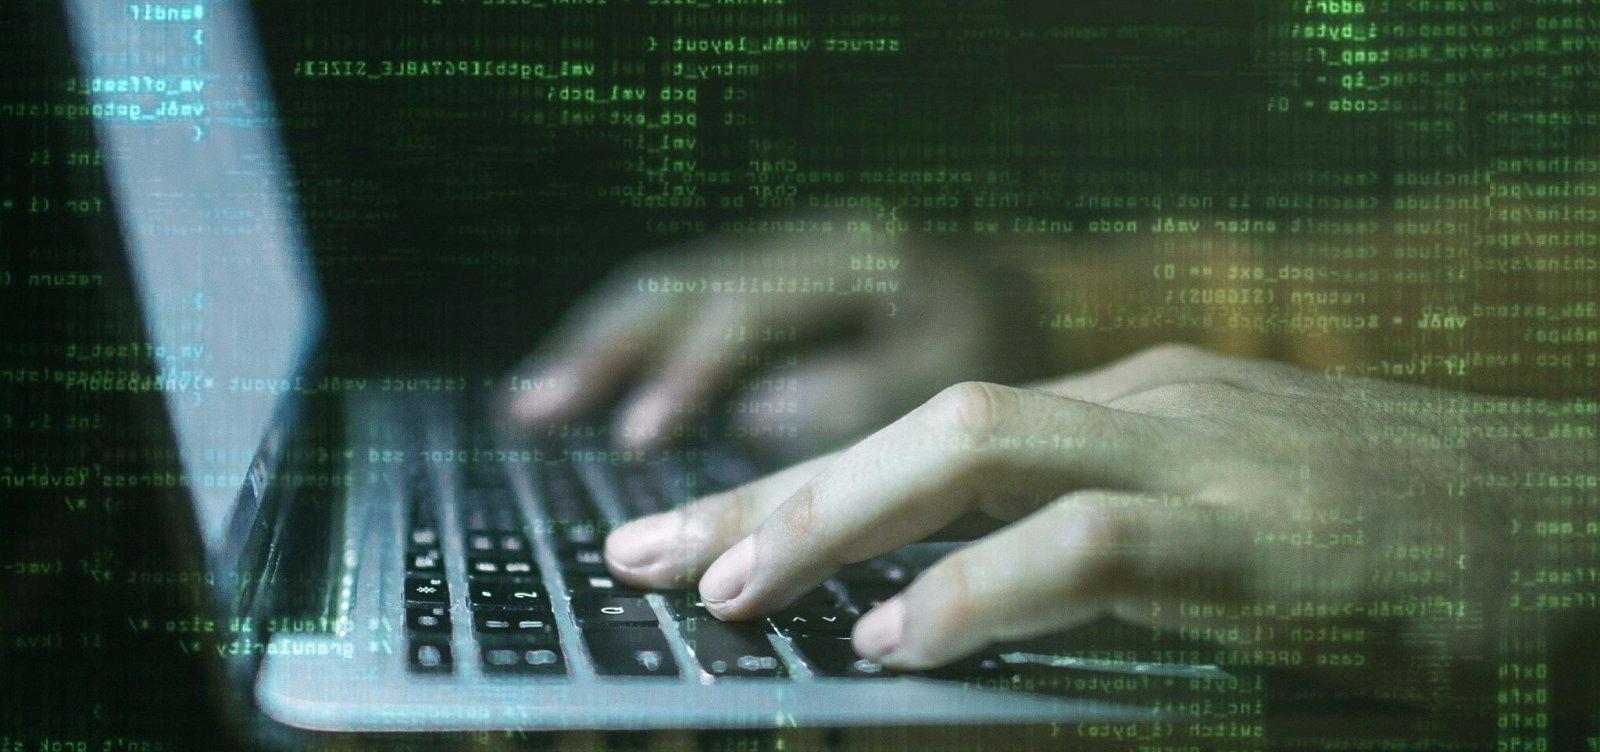 [MP denuncia hackers por fraudes virtuais]